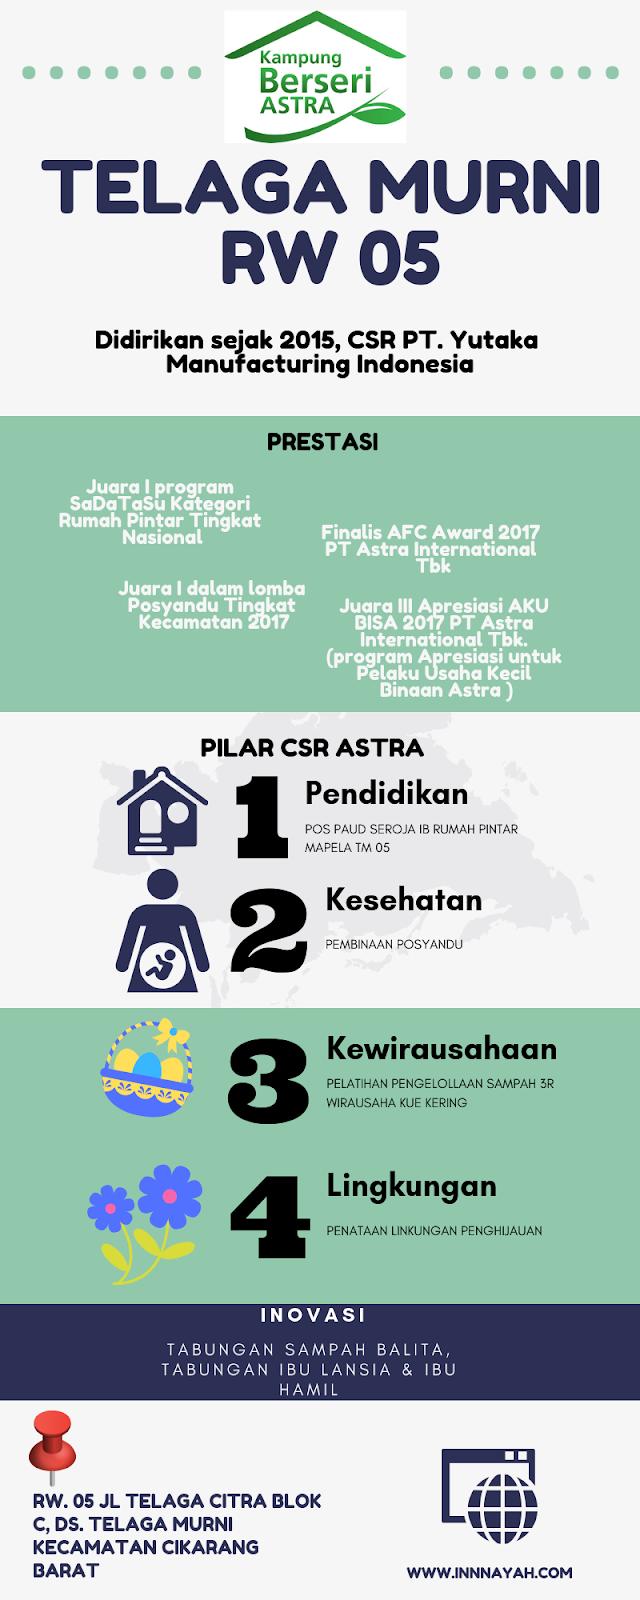 kampung berseri astra infografis